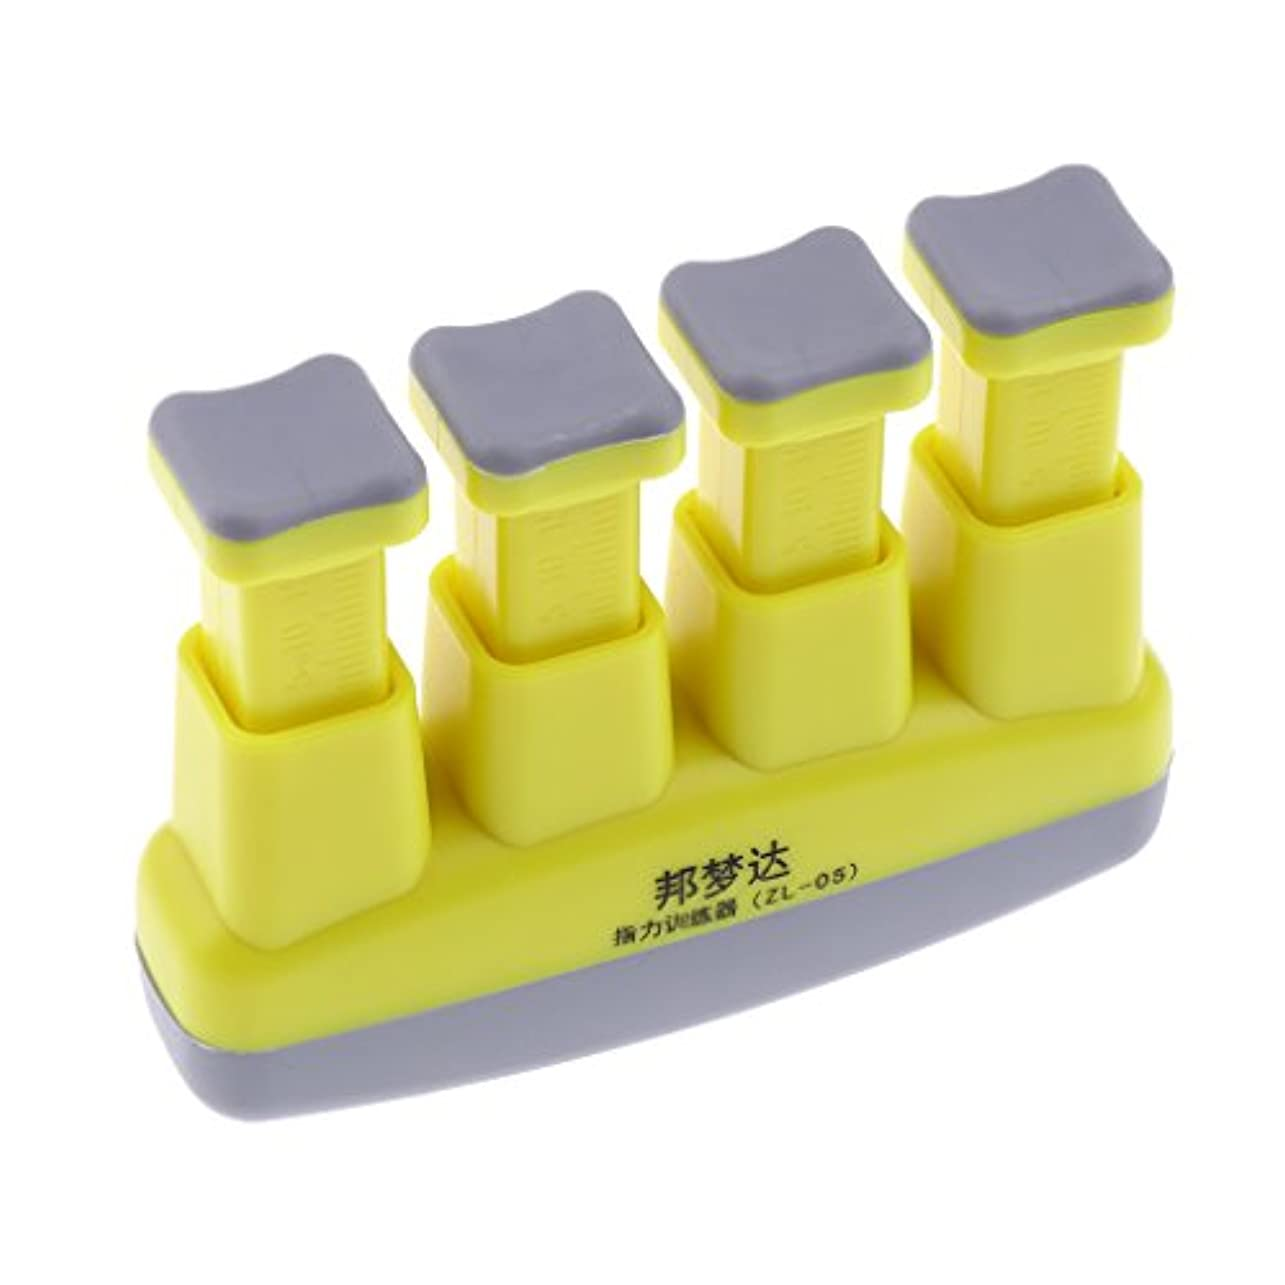 リスト年齢融合Perfk ハンドグリップ ハンドトレーナー エクササイザ 4-6ポンド 調節可 ハンドトレーニング 便利